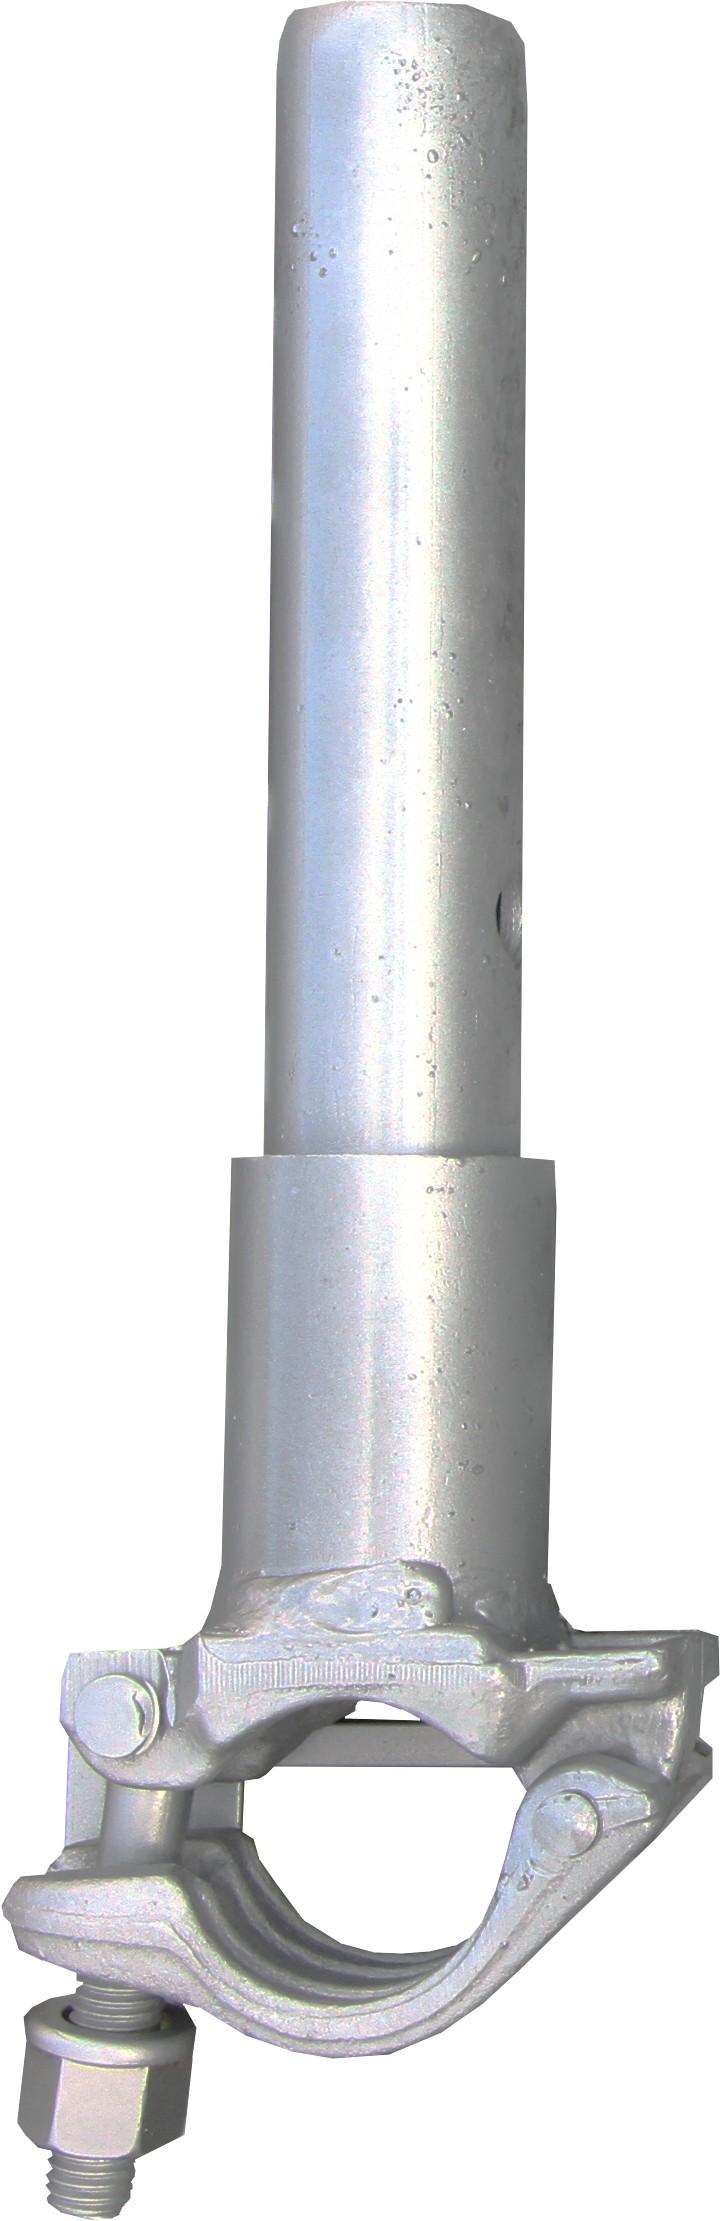 plettac distribution - соединитель Трубный с полумуфта